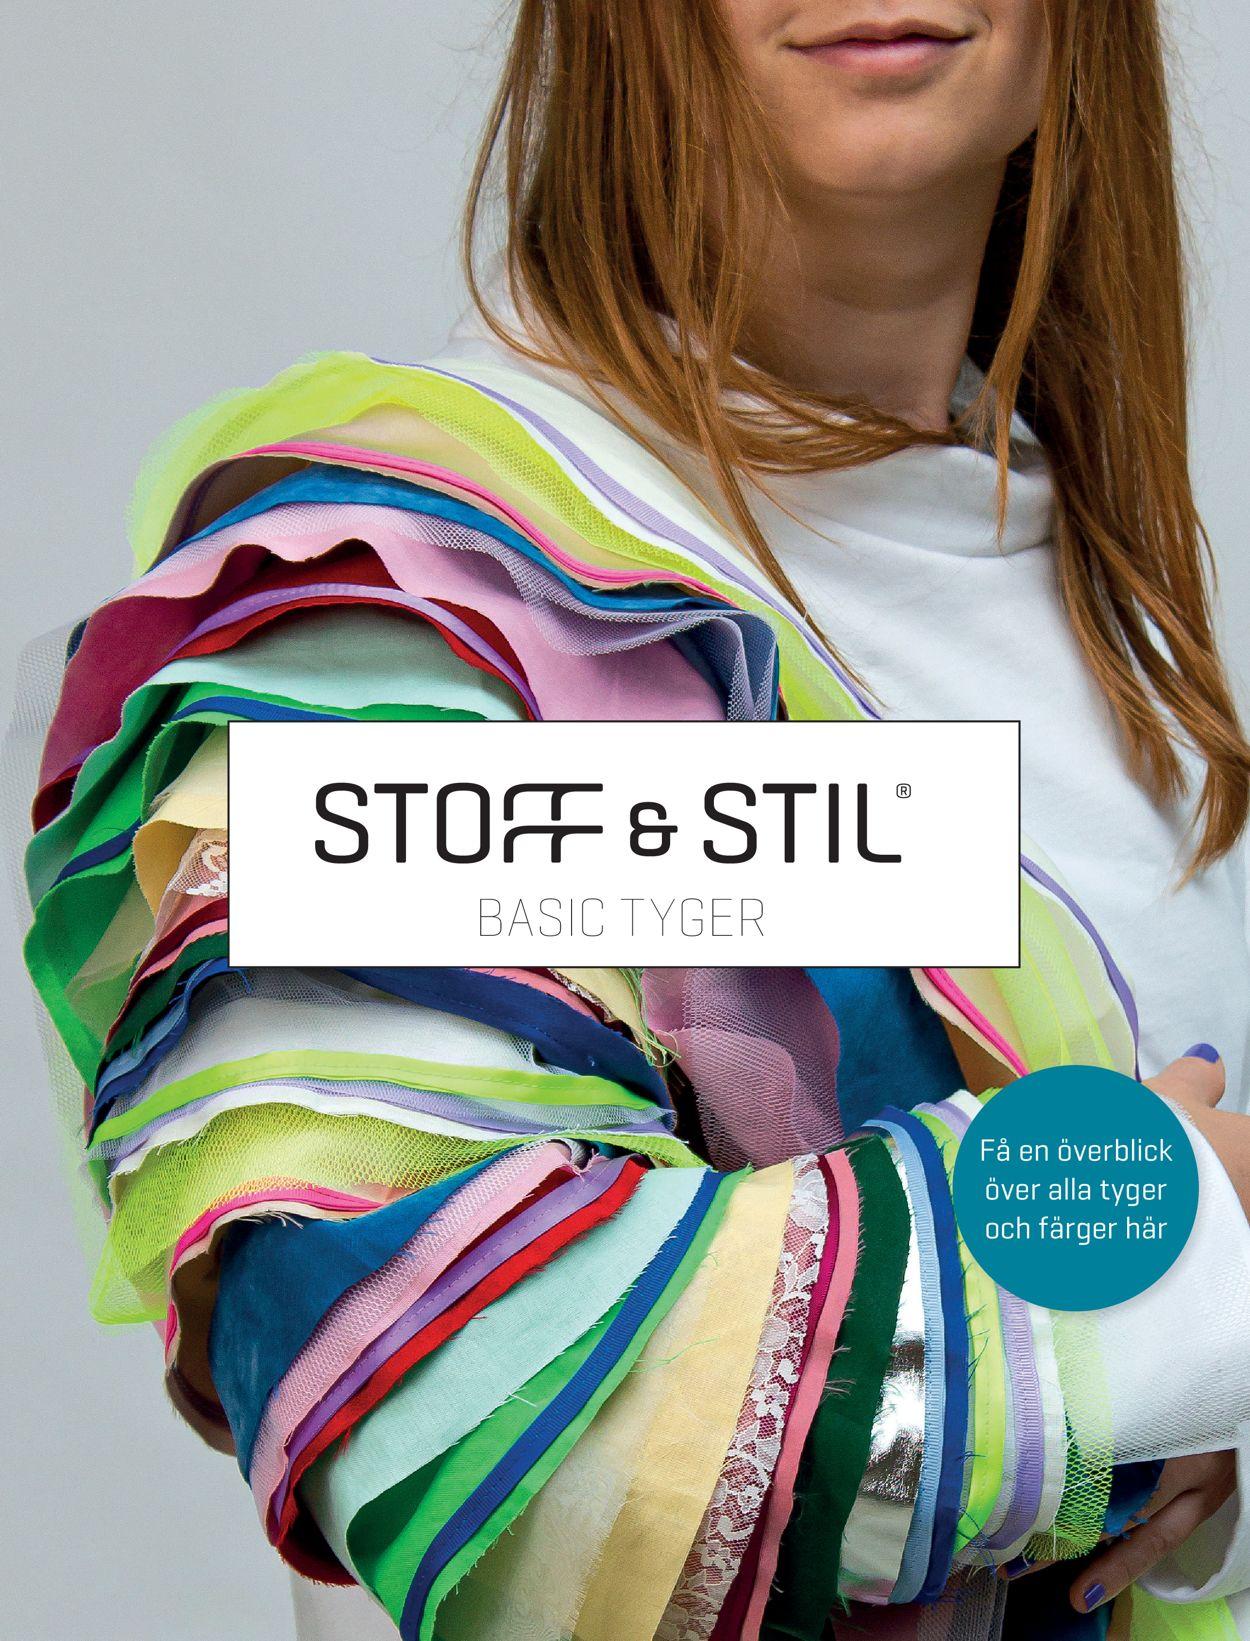 Stoff & Stil - Reklamblad - 01/09-30/11-2020